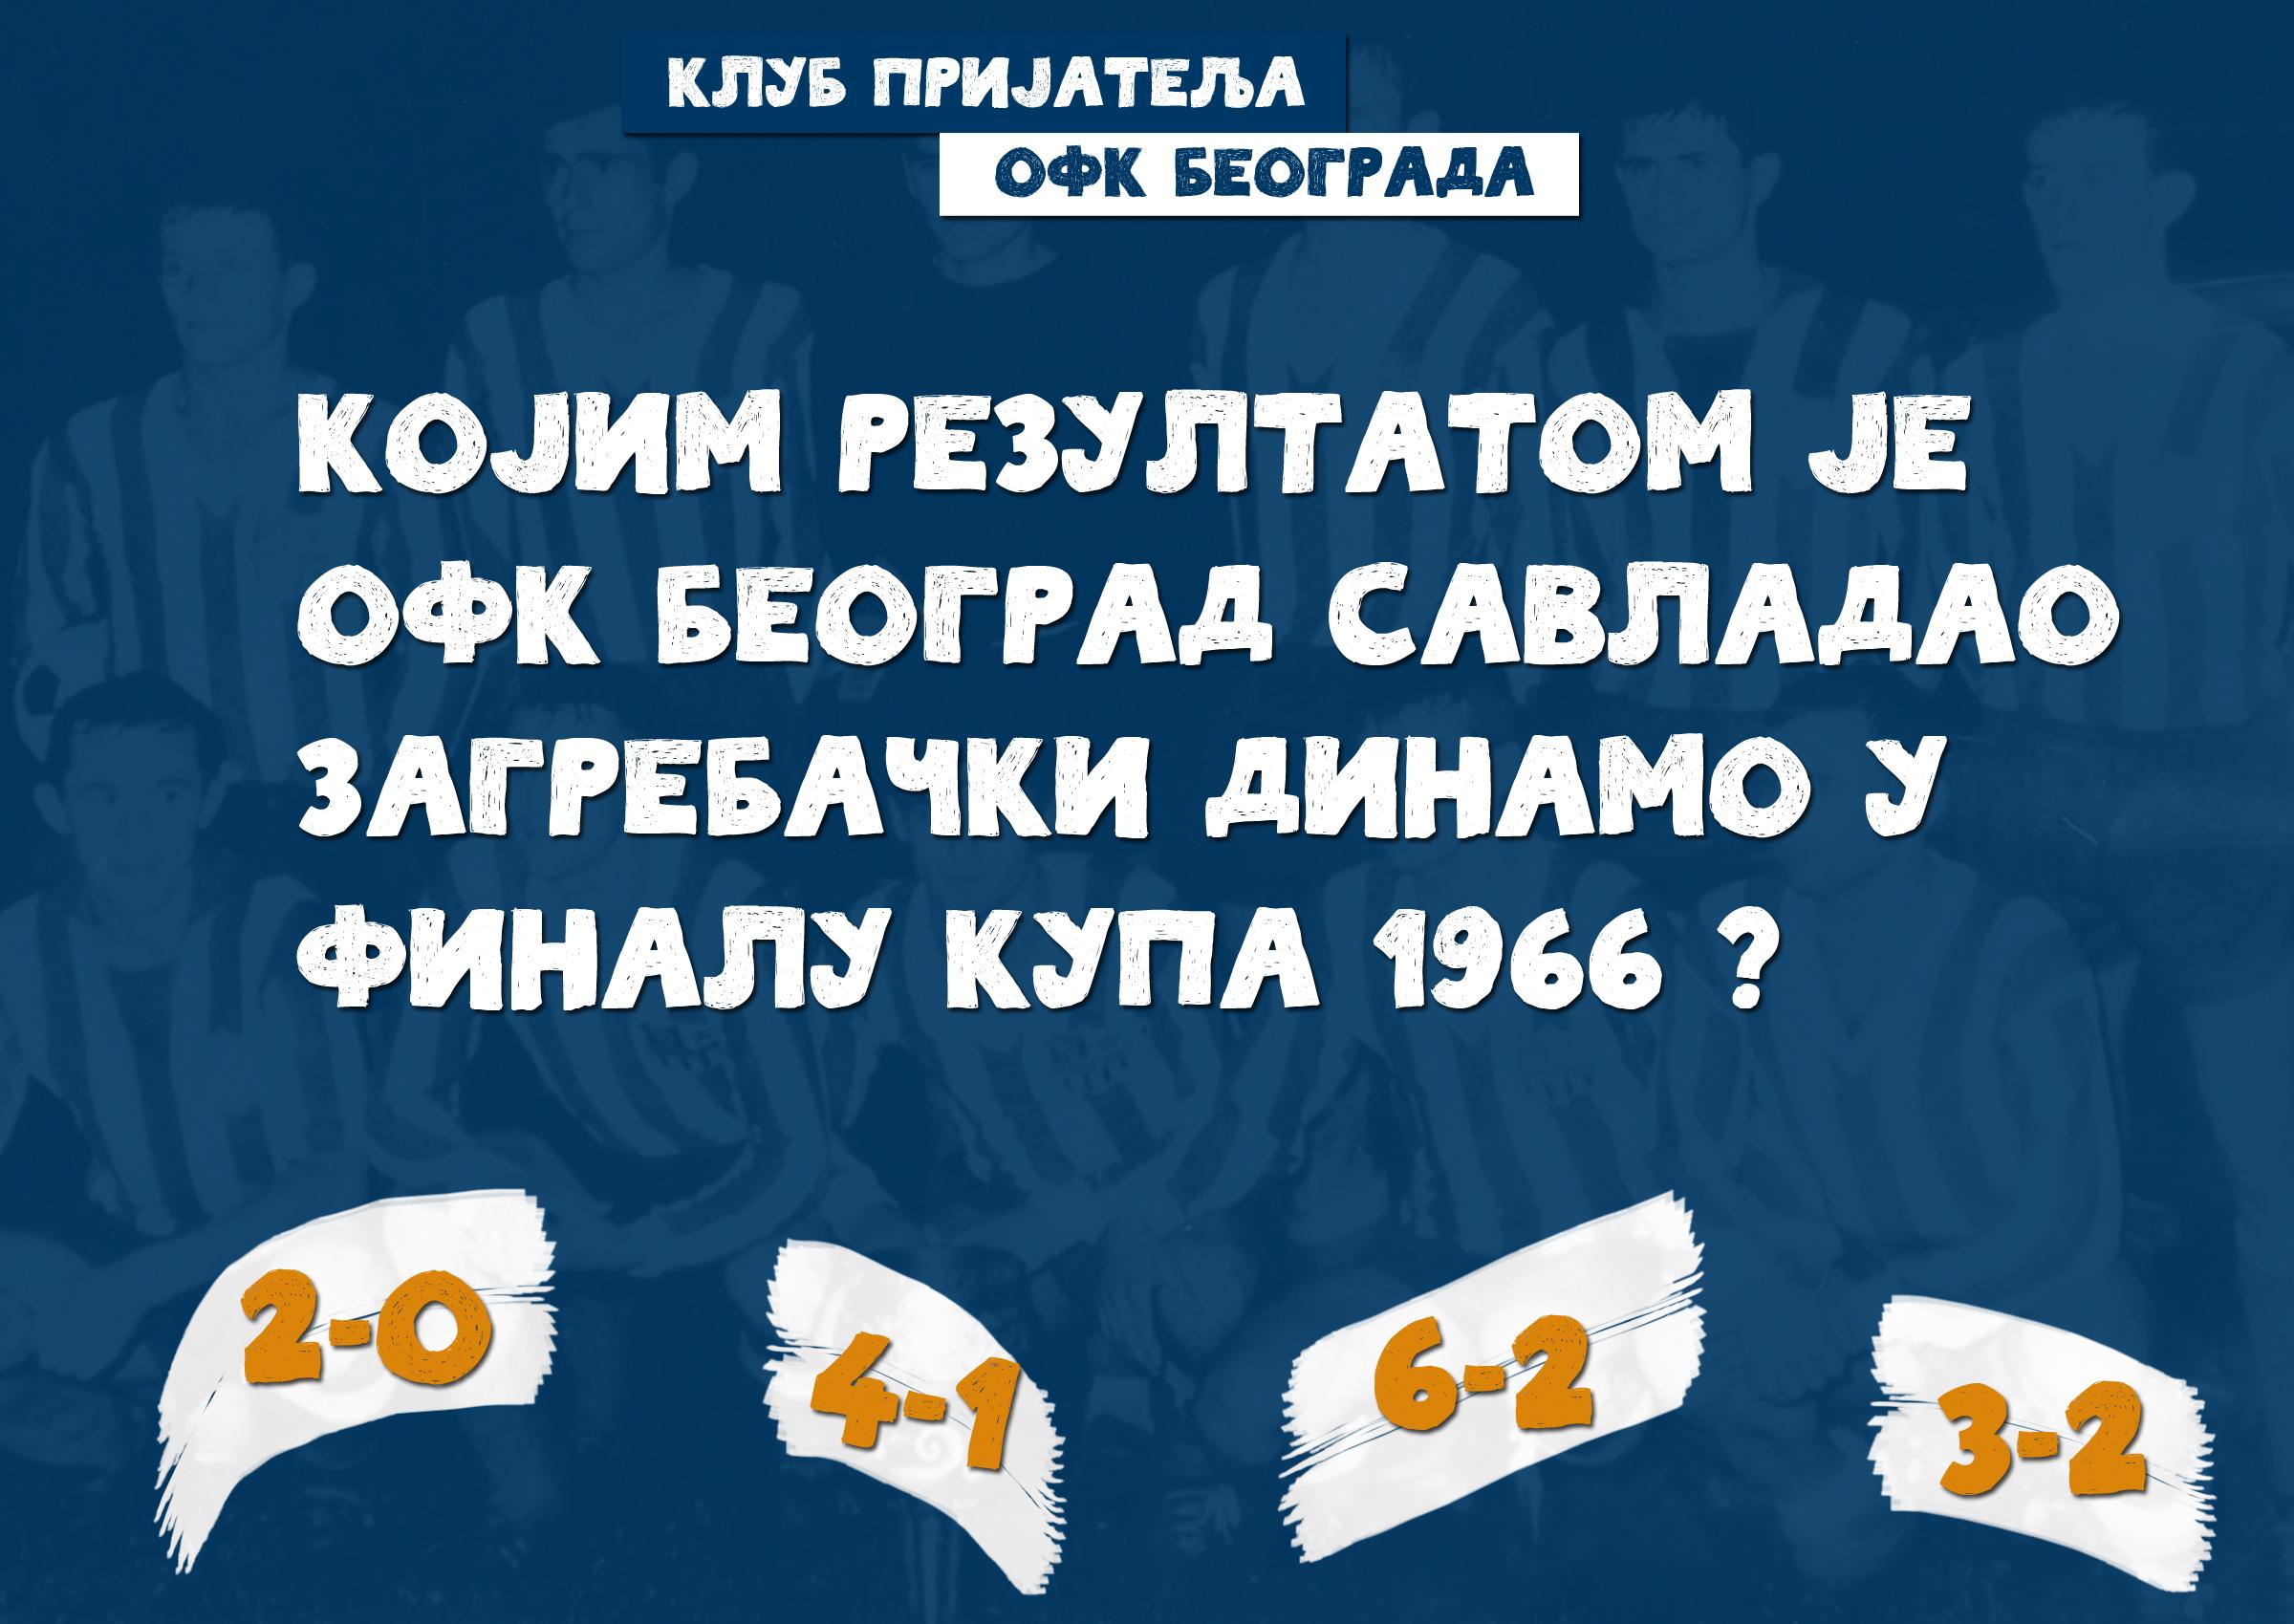 Наградна игра КПО пред финале купа